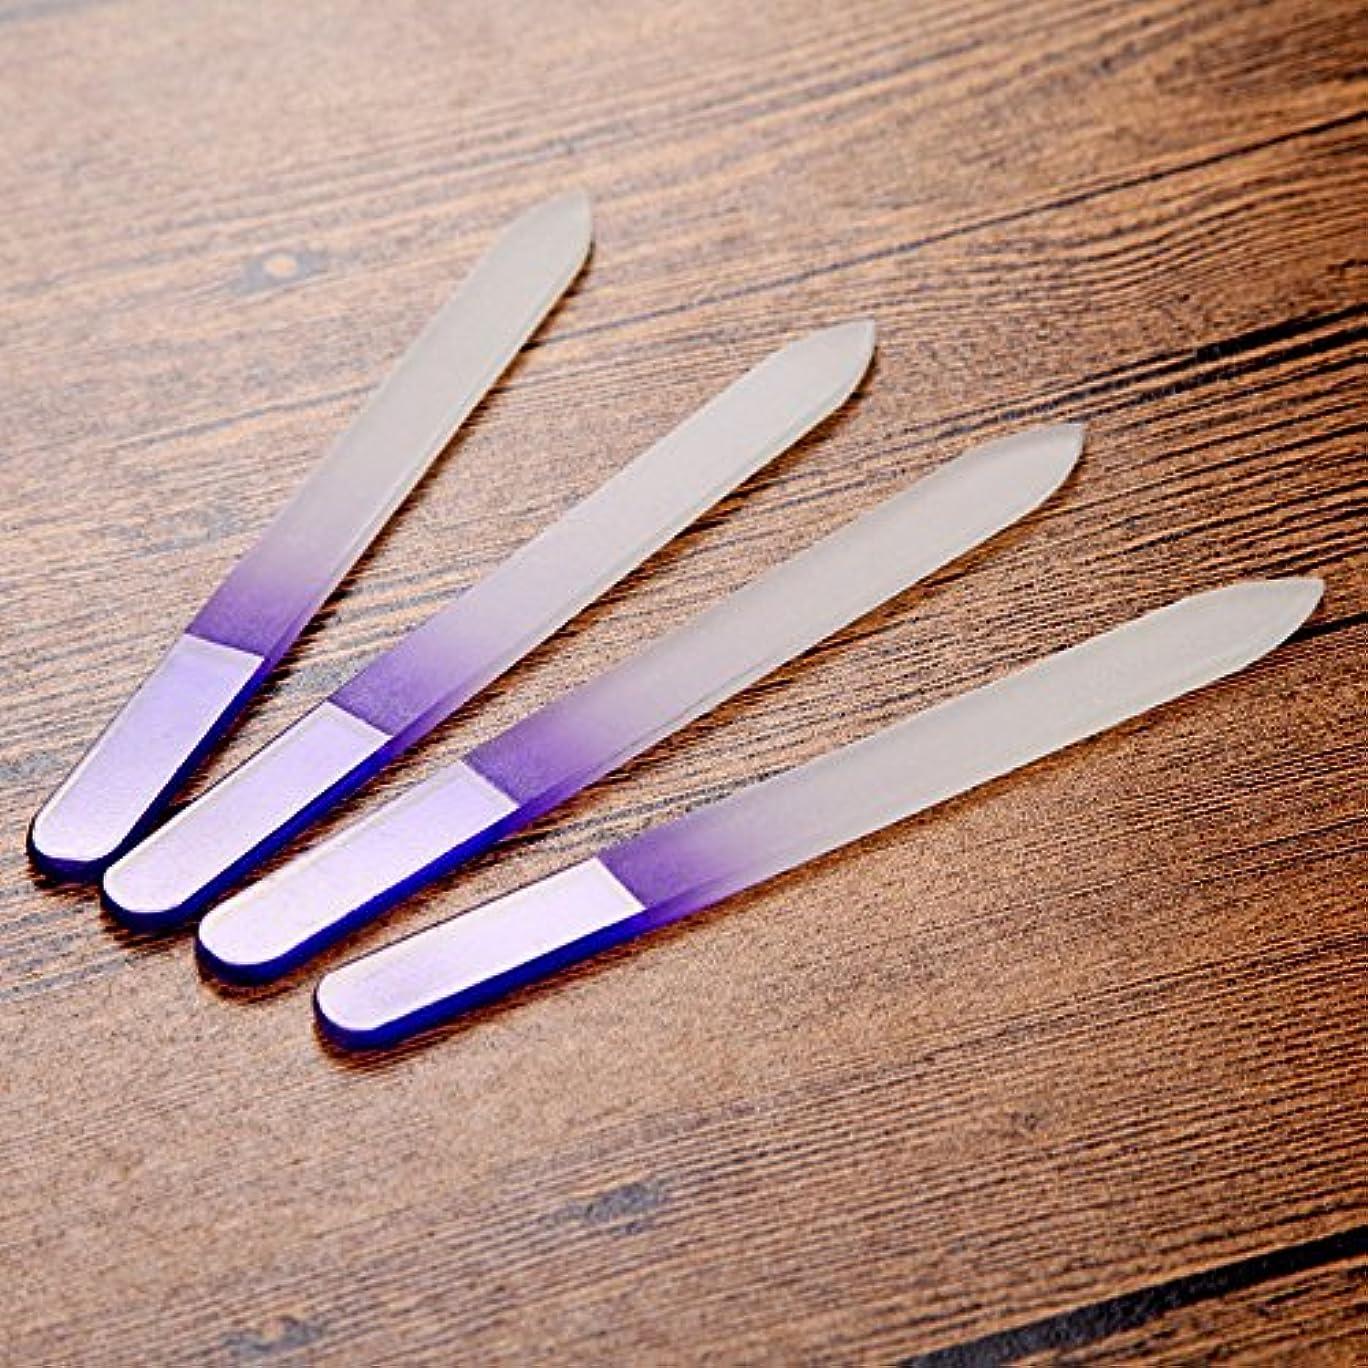 最終ラフト売る爪やすり 爪磨き ガラス製 専用 ケース付 ネイル ケア 水洗い可 携帯用 つめやすり パープル 4点セット